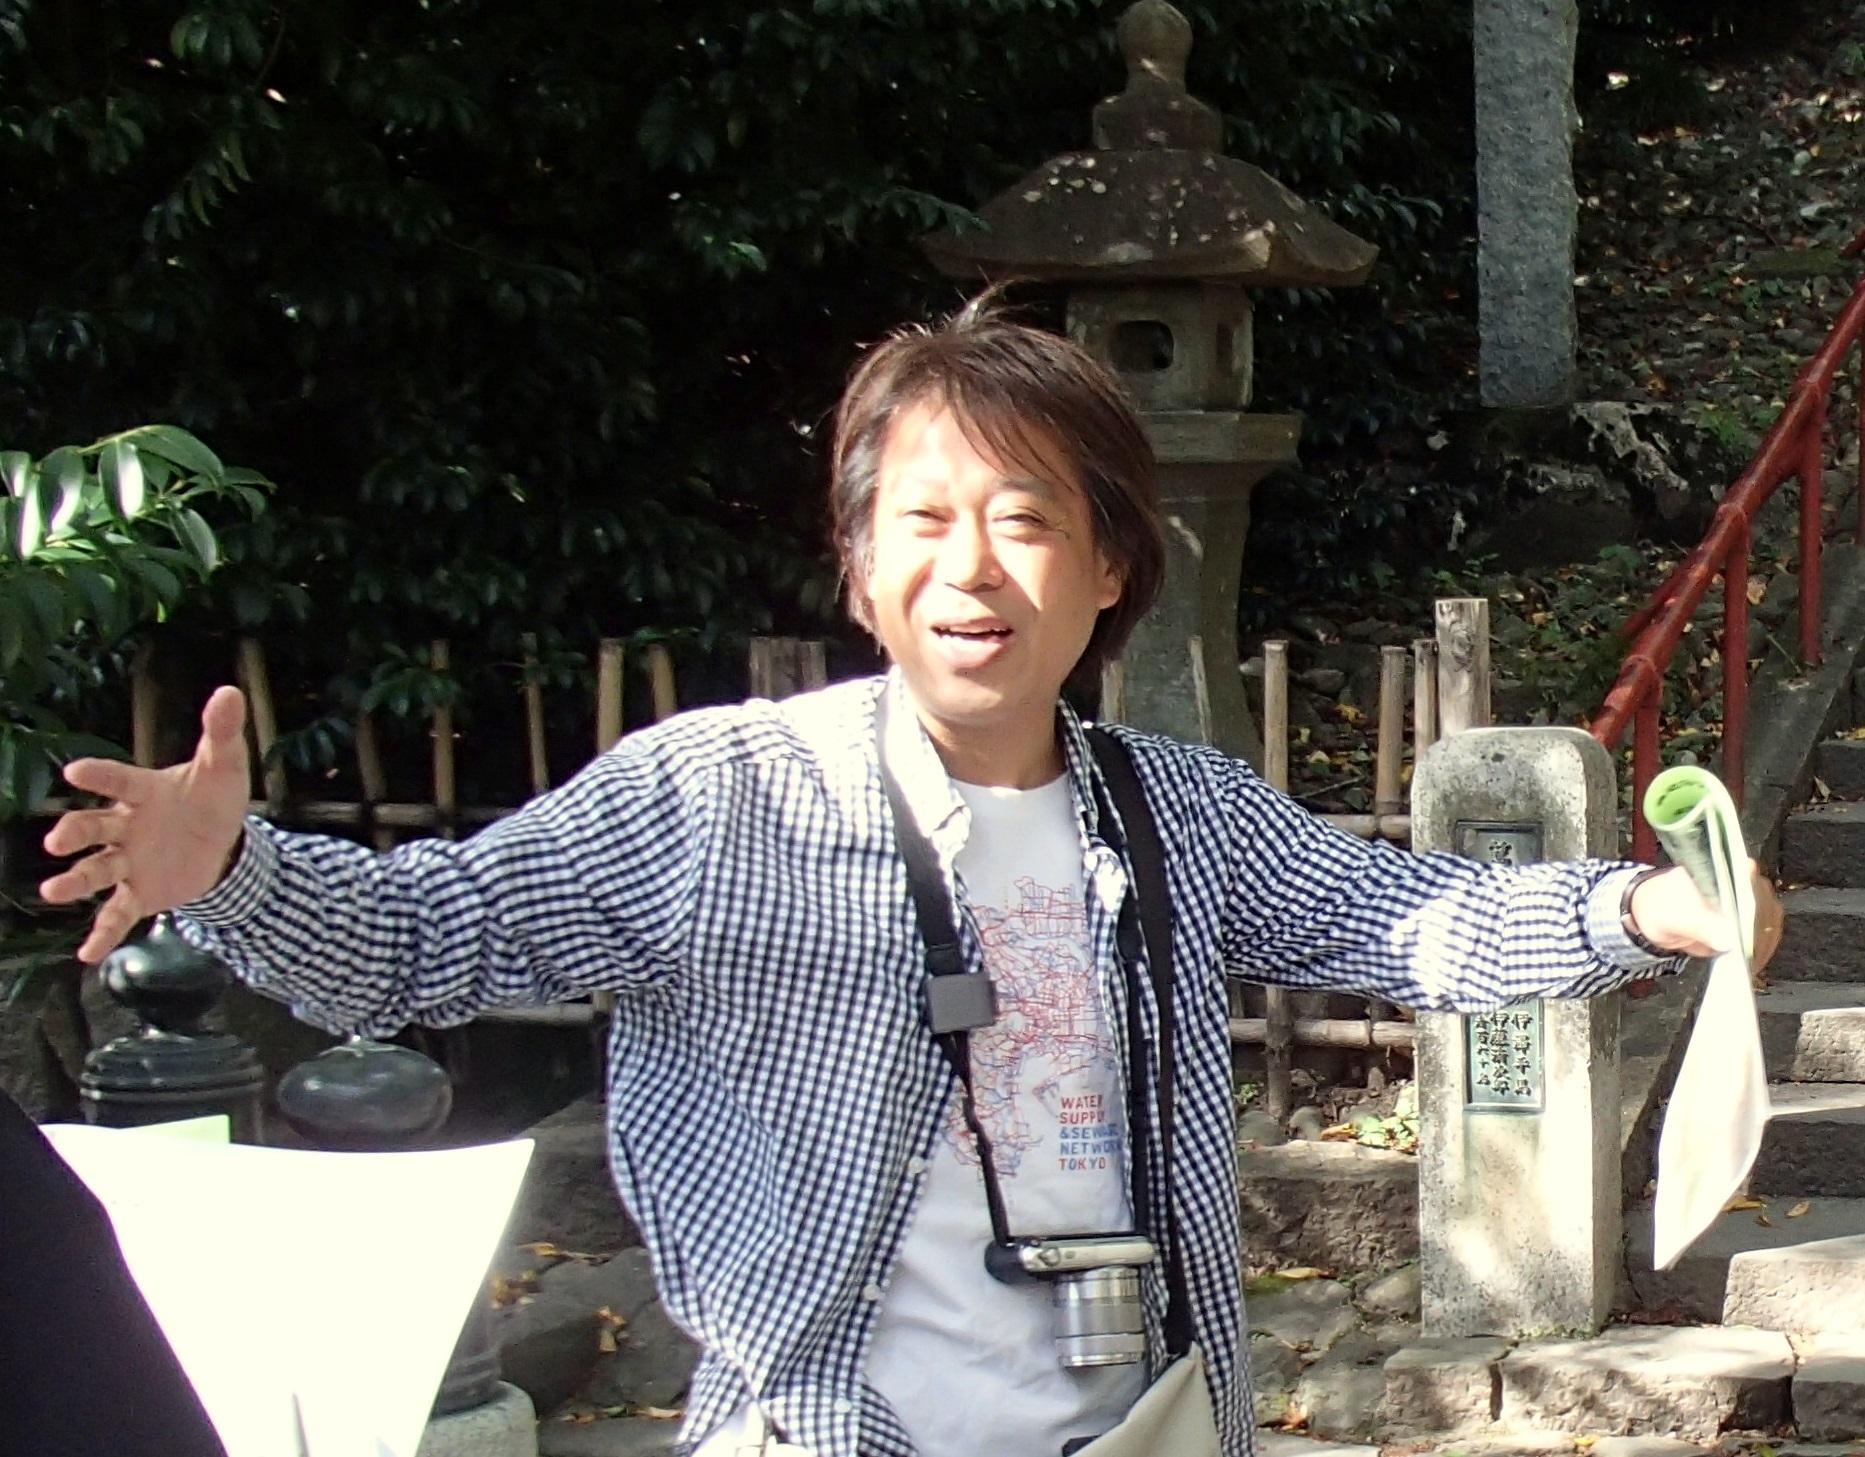 【仙台ふららん】スリバチ会長とめぐる四ツ谷用水〜ブラタモリロケ地を訪ねる